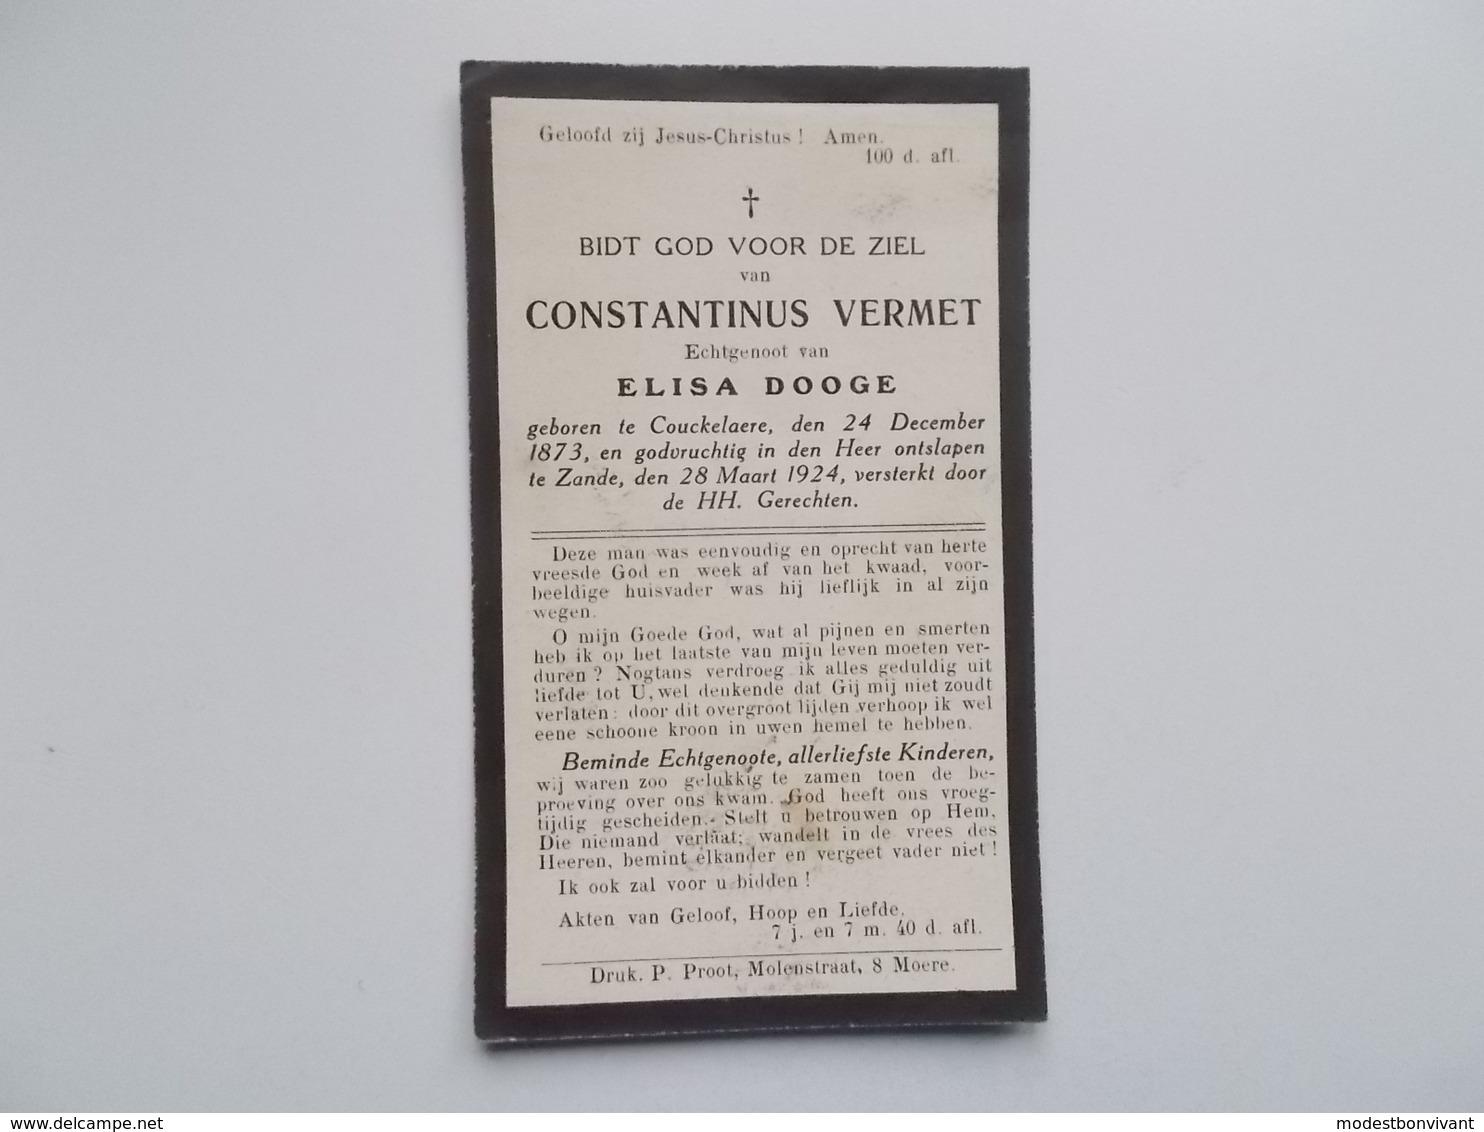 Oud Bidprentje: Constantinus VERMET Echtg. Elisa DOOGE, Couckelaere24/12/1873 - Zande 28/3/1924 - Esquela